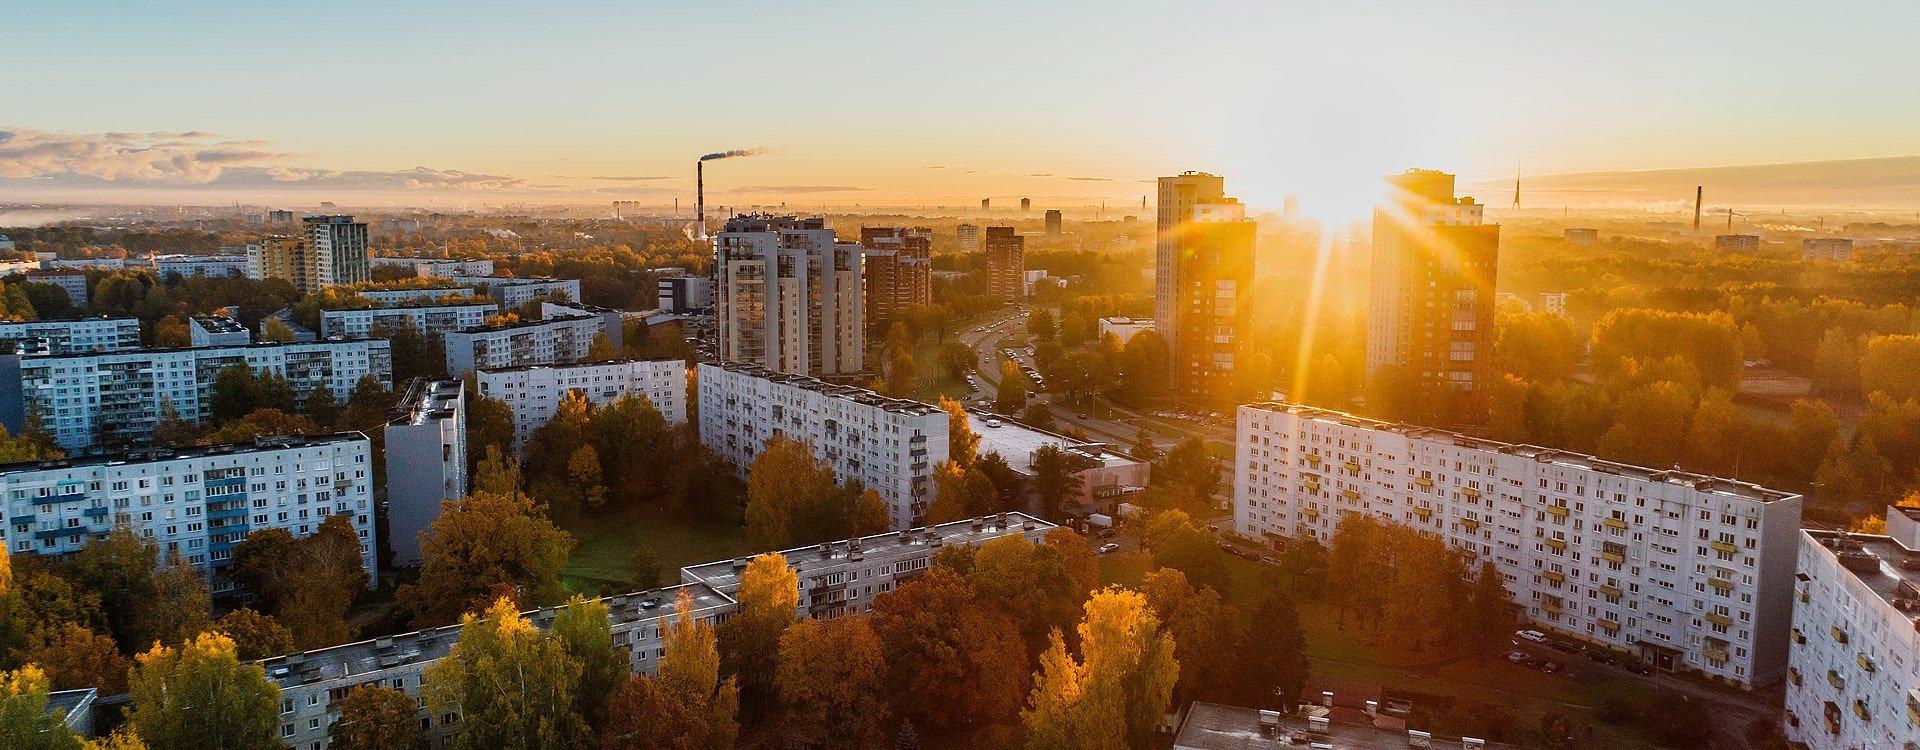 Mieszkania z wielkich płyt, czyli jak ochłodzić mieszkanie w bloku?